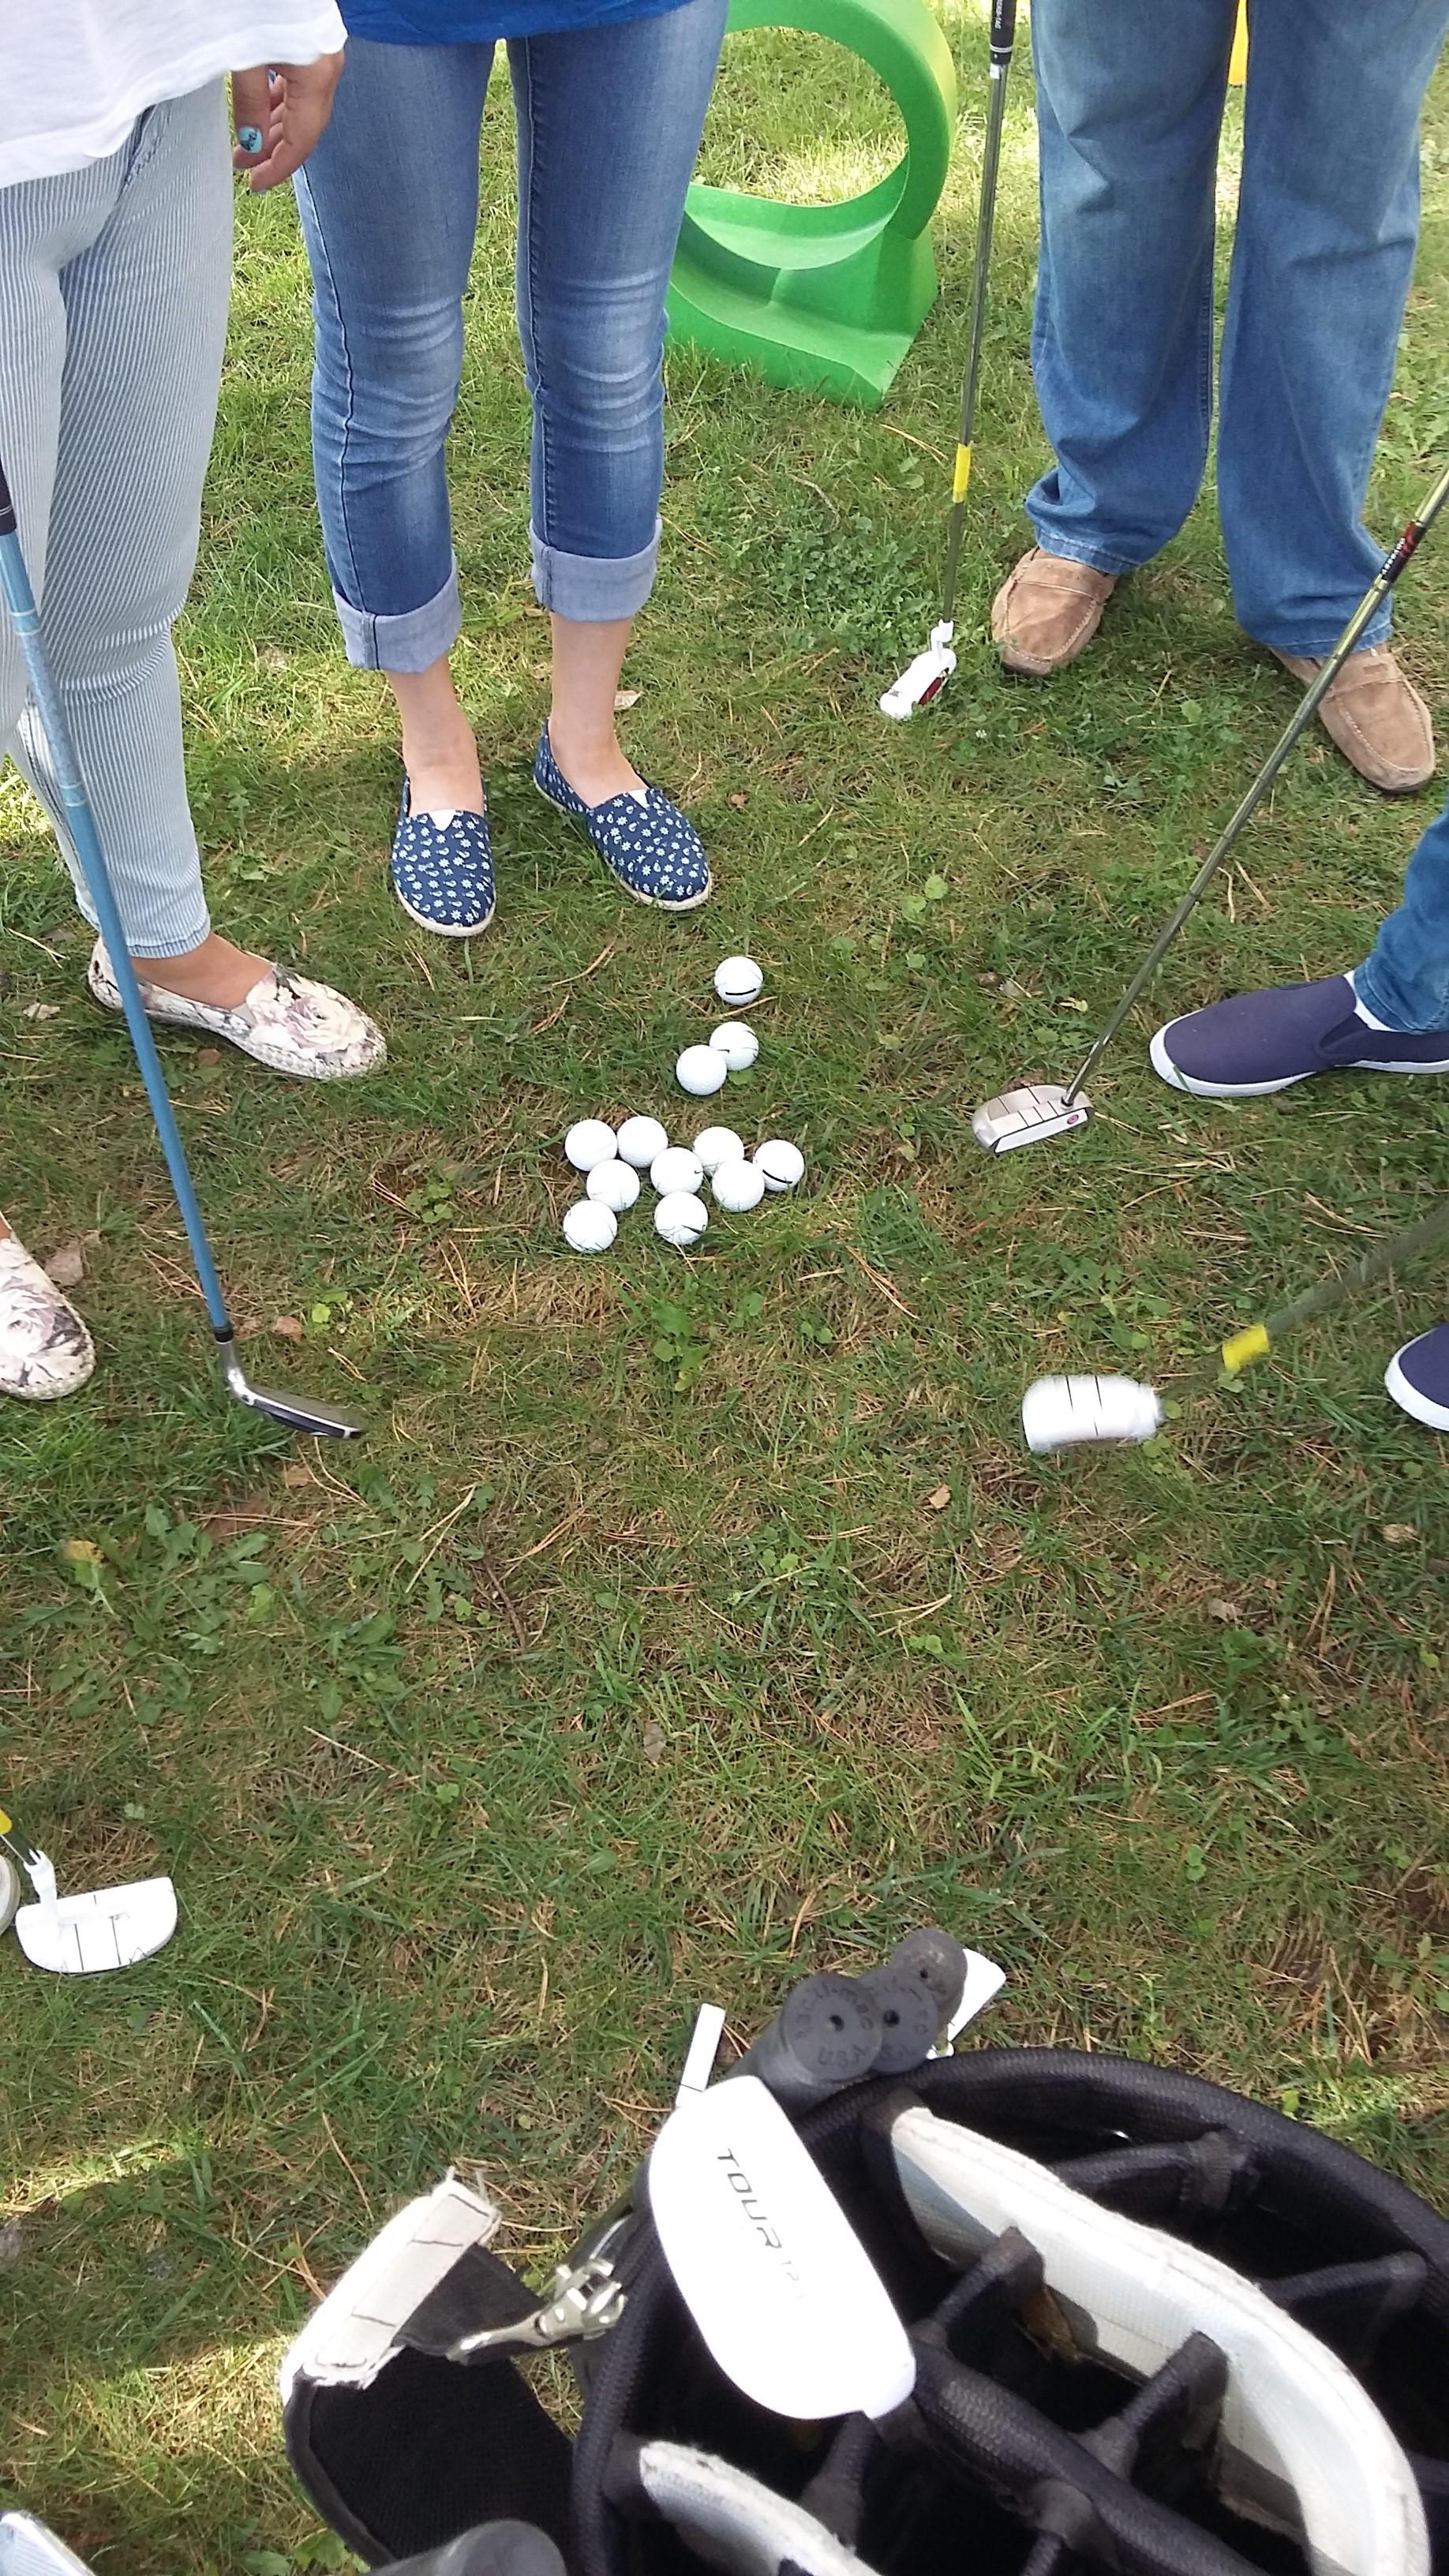 golf golfer course гольфист гольф клуб bioshere